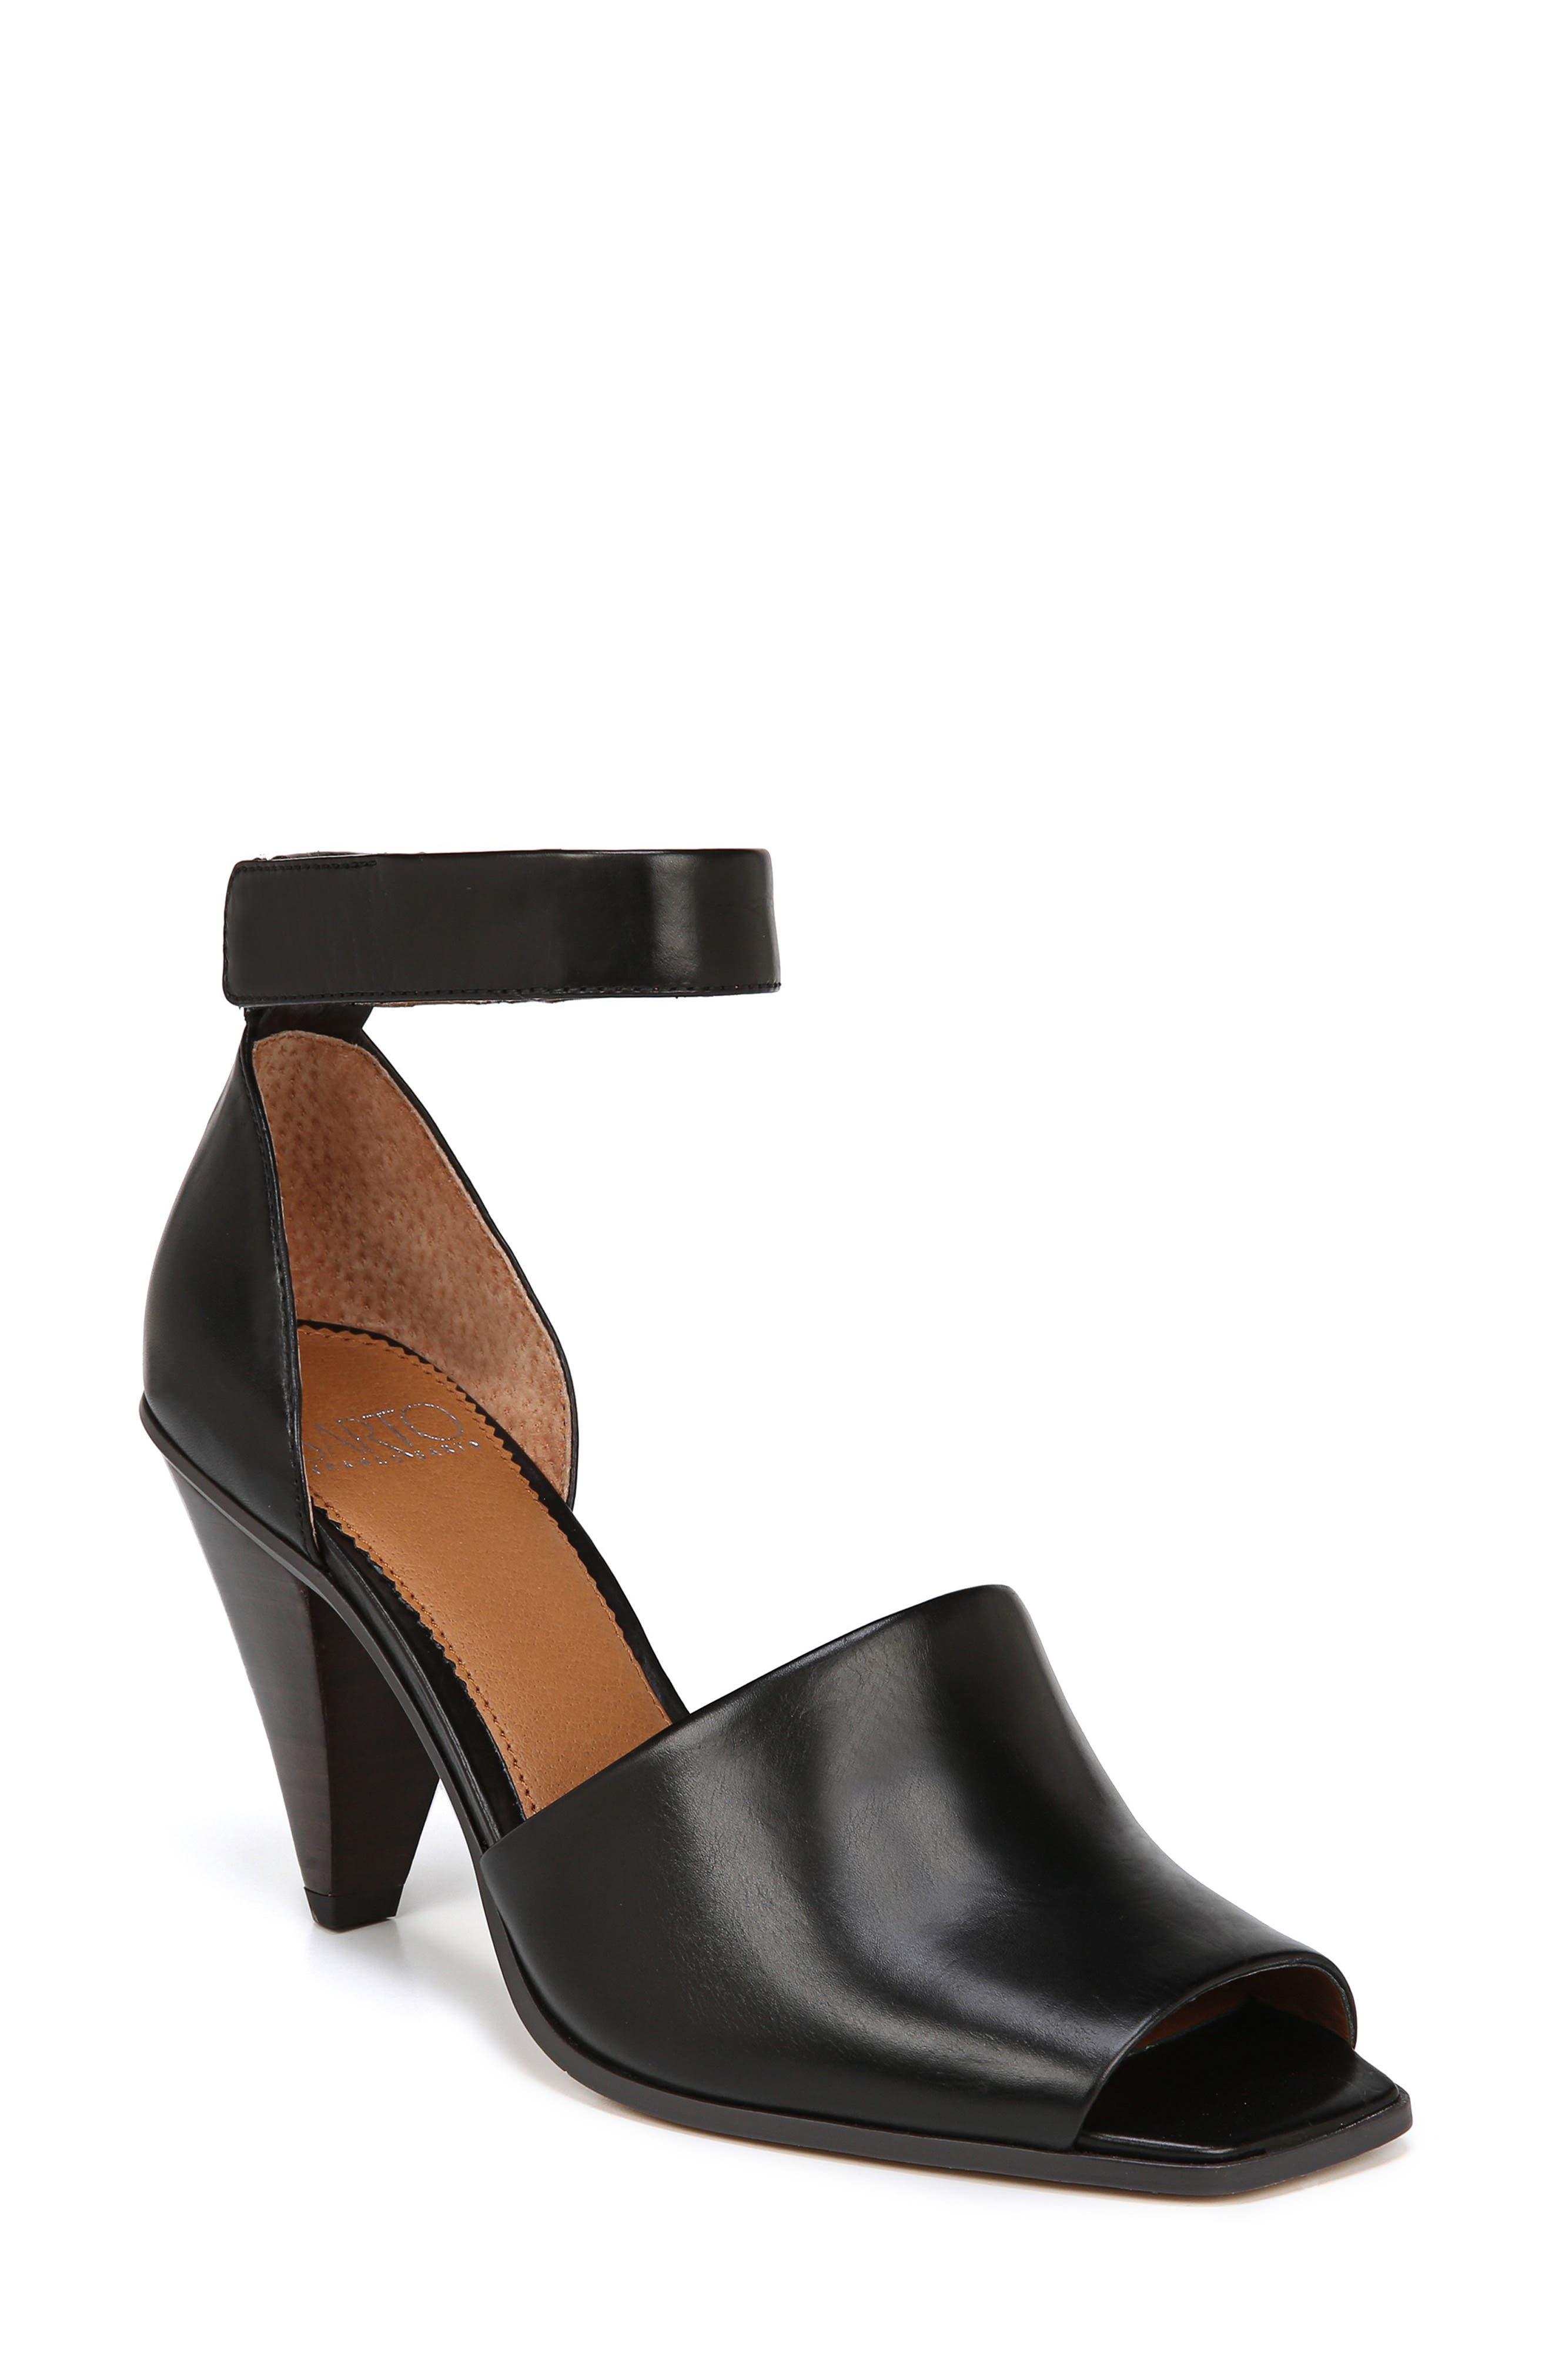 Sarto By Franco Sarto Ankle Strap Sandal- Black